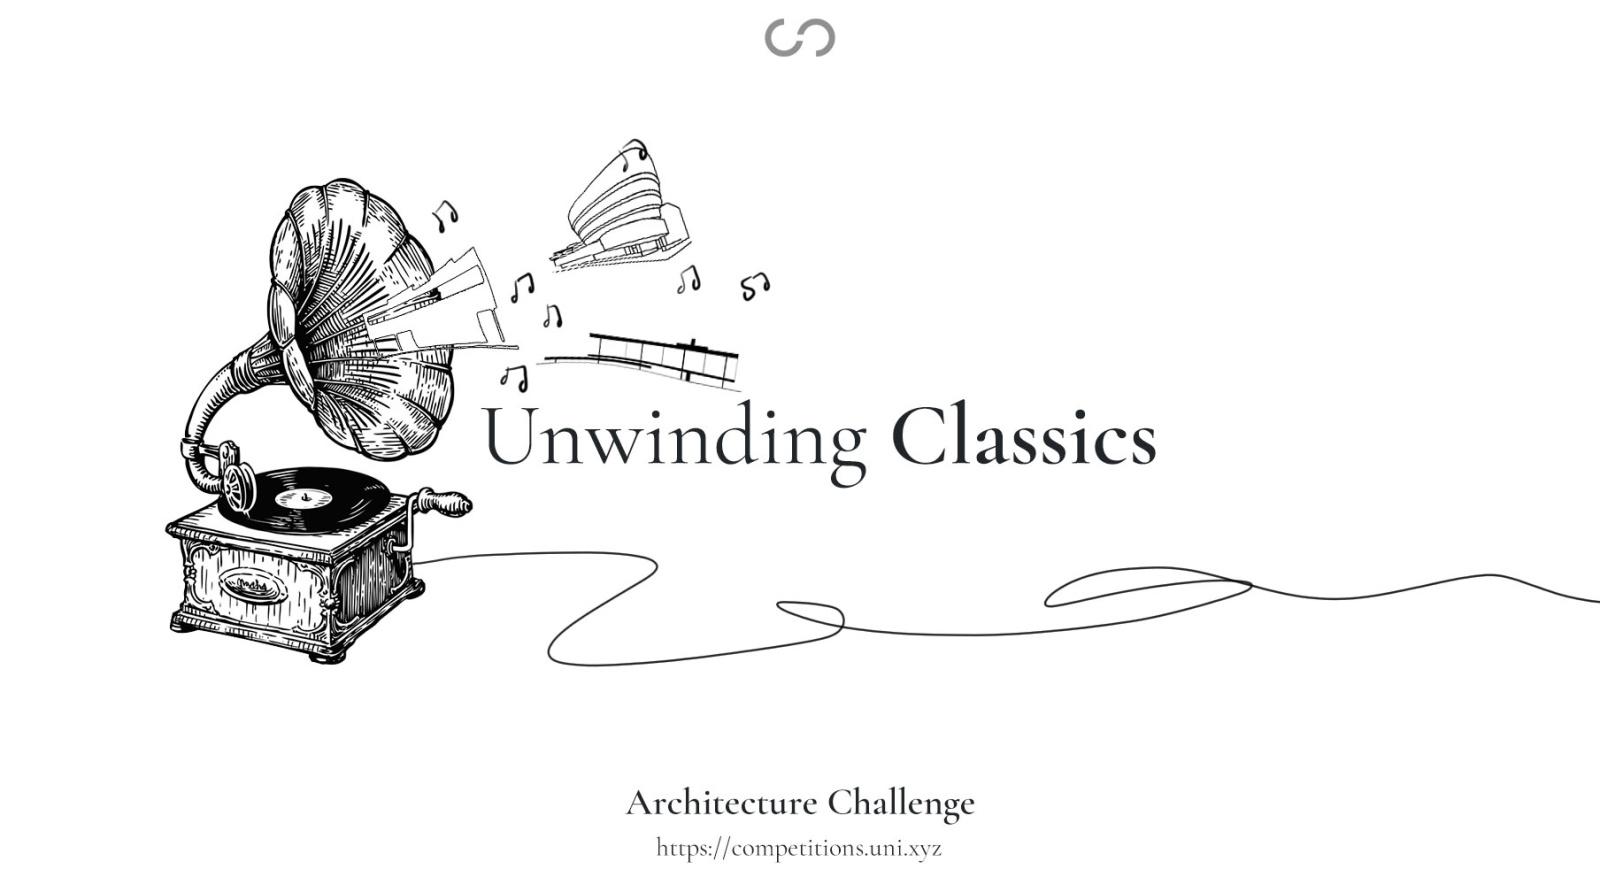 Unwinding Classics